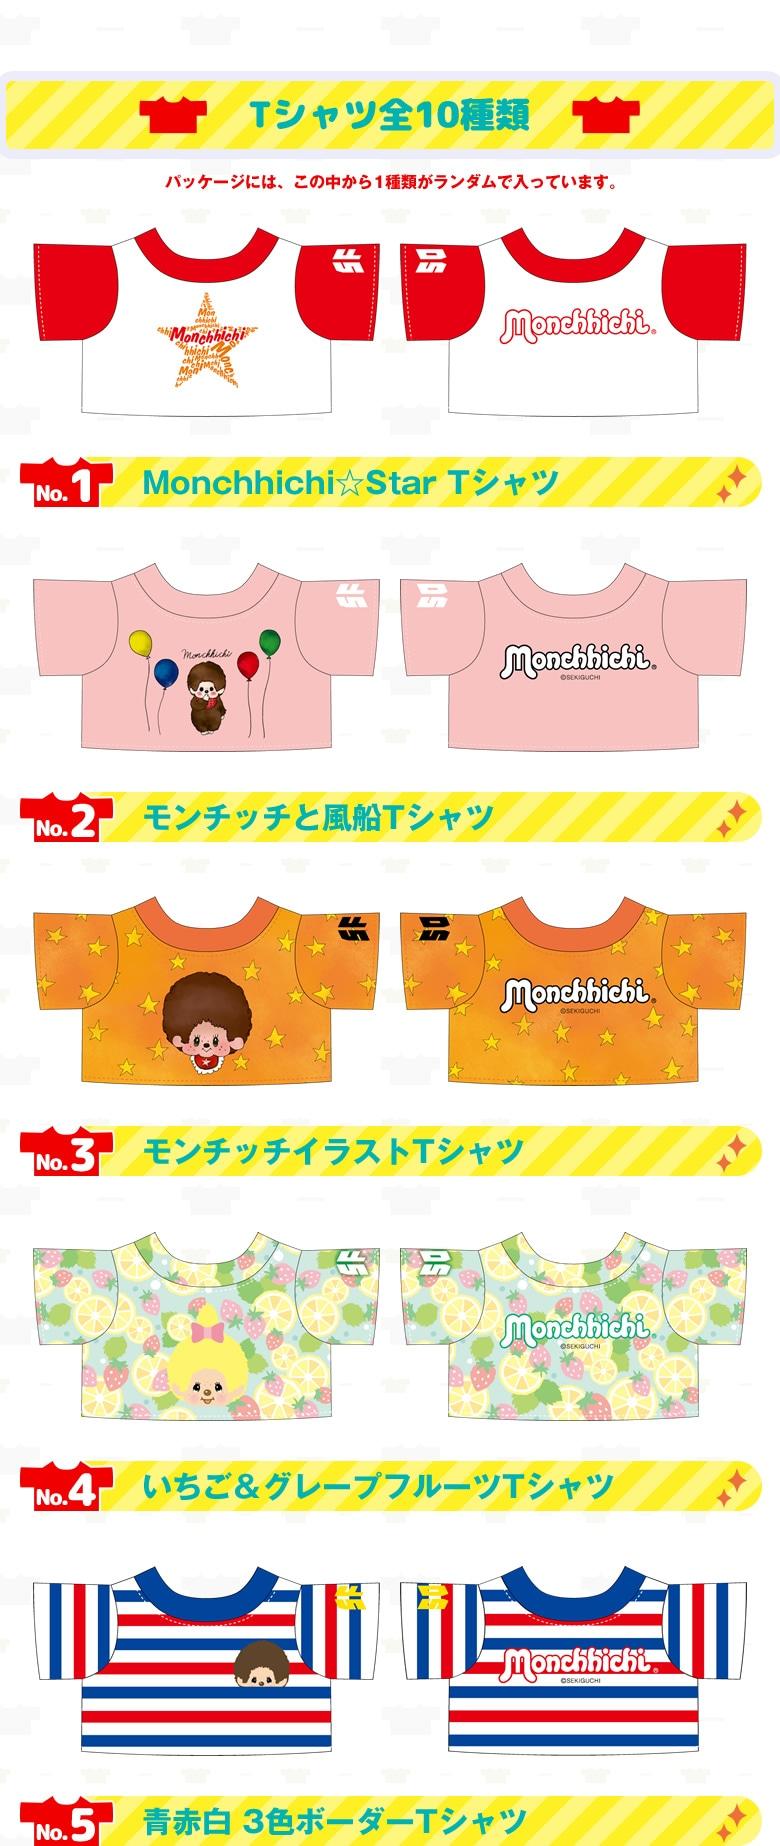 モンチッチTシャツコレクション第3弾 Sサイズ デザイン No.1-5